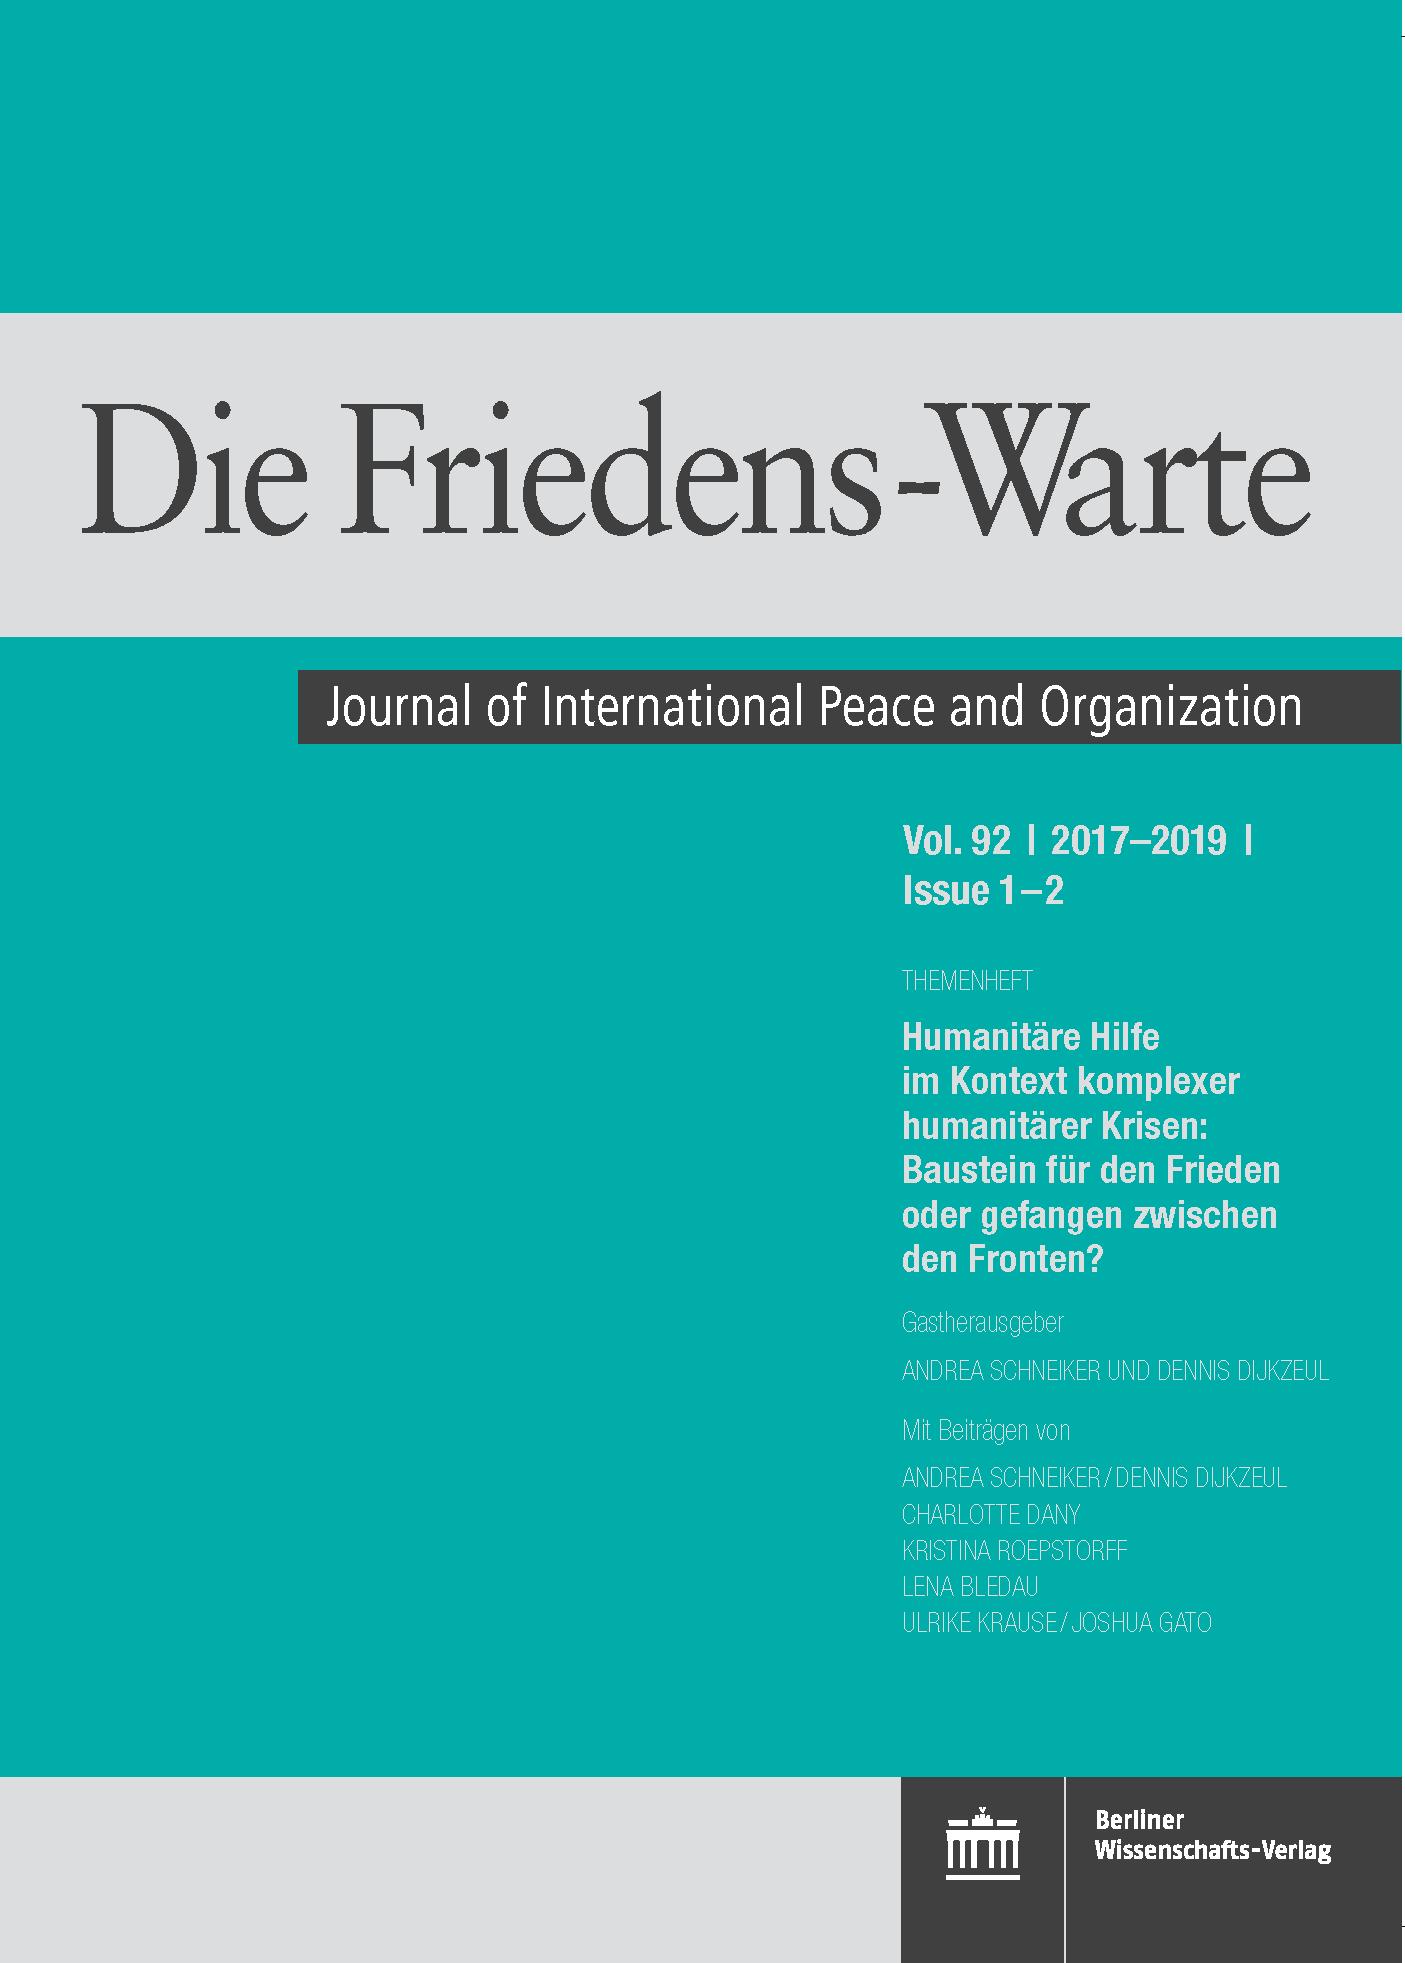 Friedens-Warte